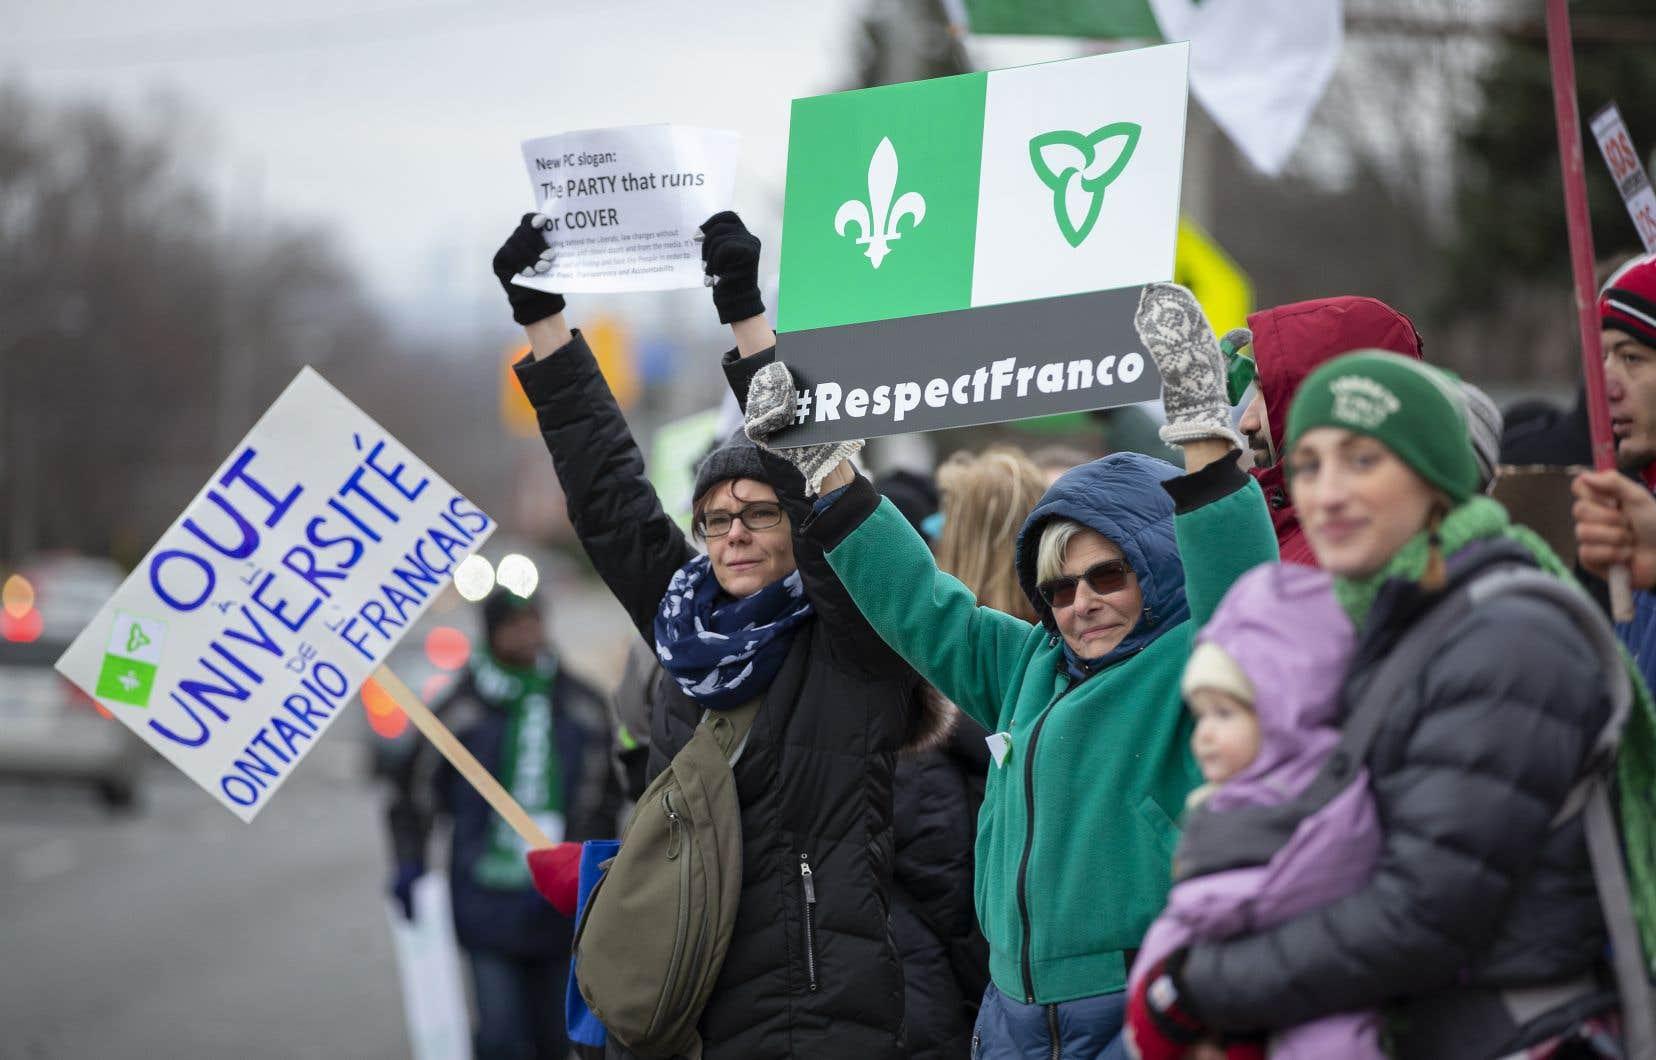 Le sort des minorités francophones au Canada est revenu au-devant de la scène ces derniers mois, à la suite, notamment, de la décision du gouvernement conservateur ontarien d'abolir le Commissariat aux services en français et d'abandonner le projet de création de l'Université de l'Ontario français.